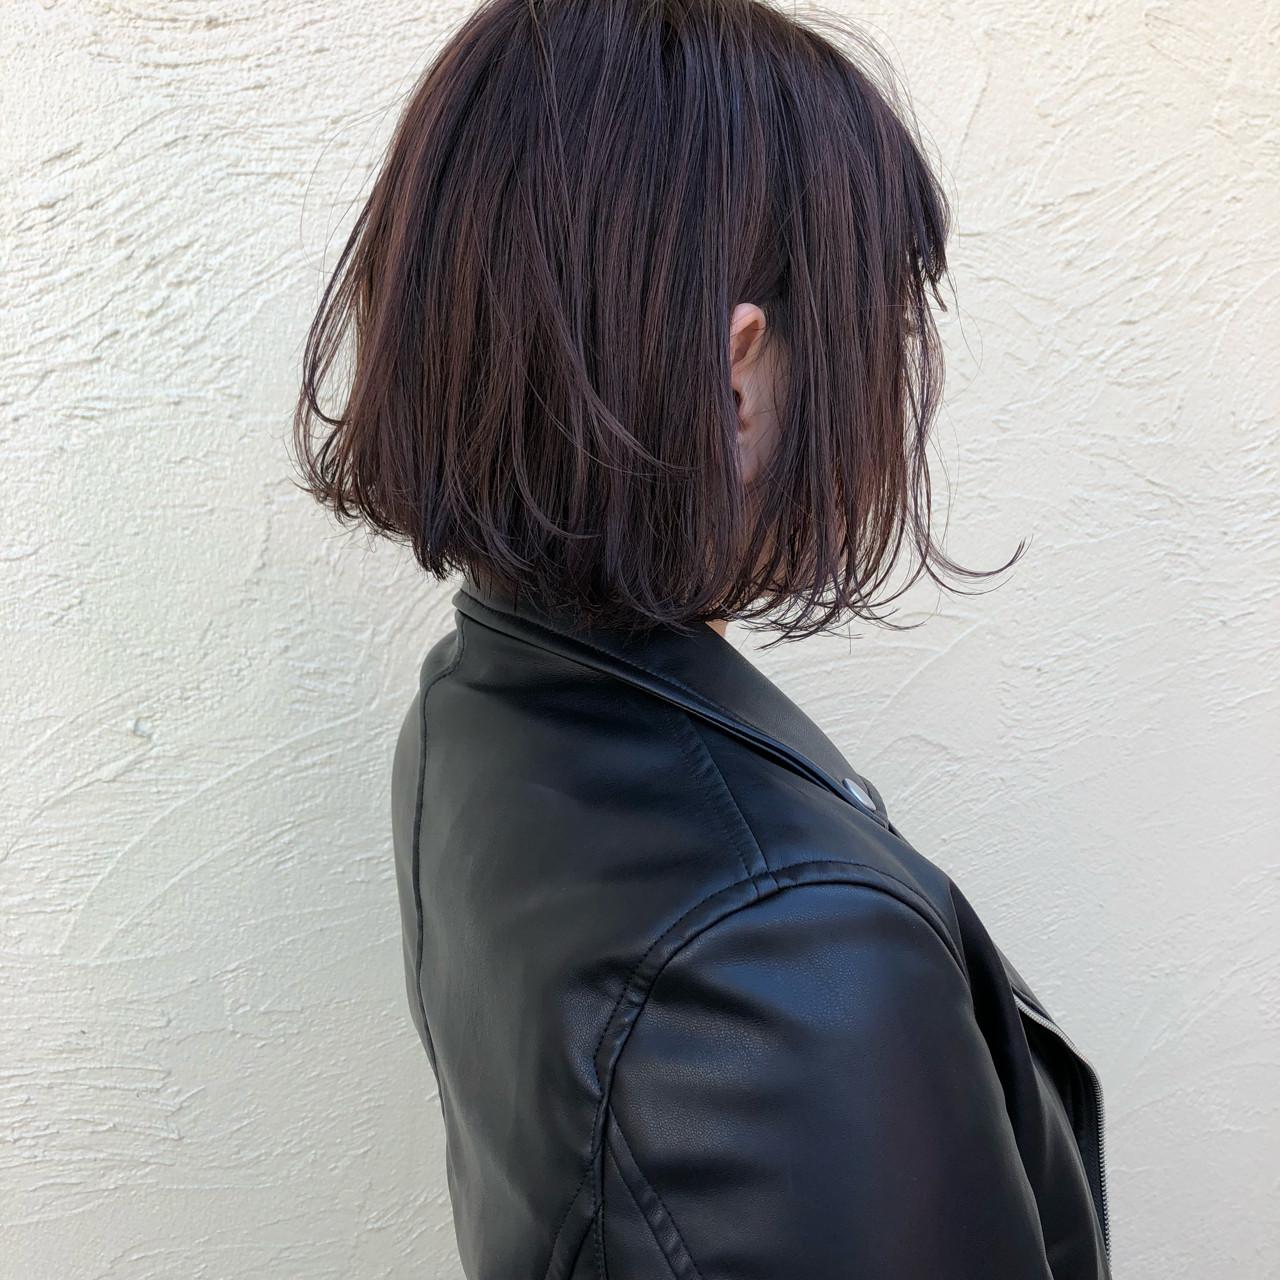 モード 外ハネ ボブ こなれ感 ヘアスタイルや髪型の写真・画像